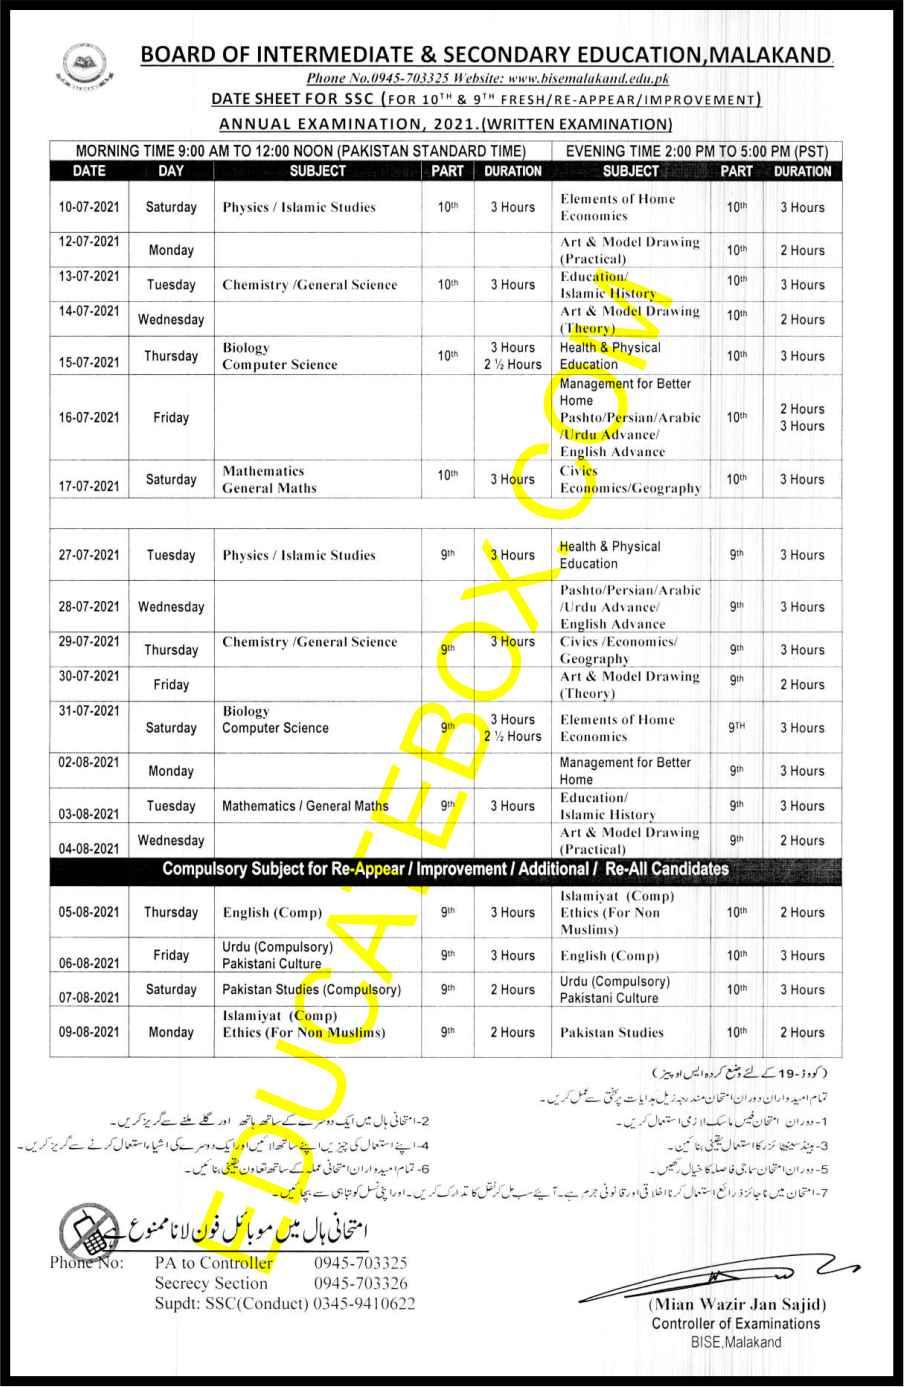 matric-9th-10th-malakand-board-datesheet-2021-bisemalakand.jpg